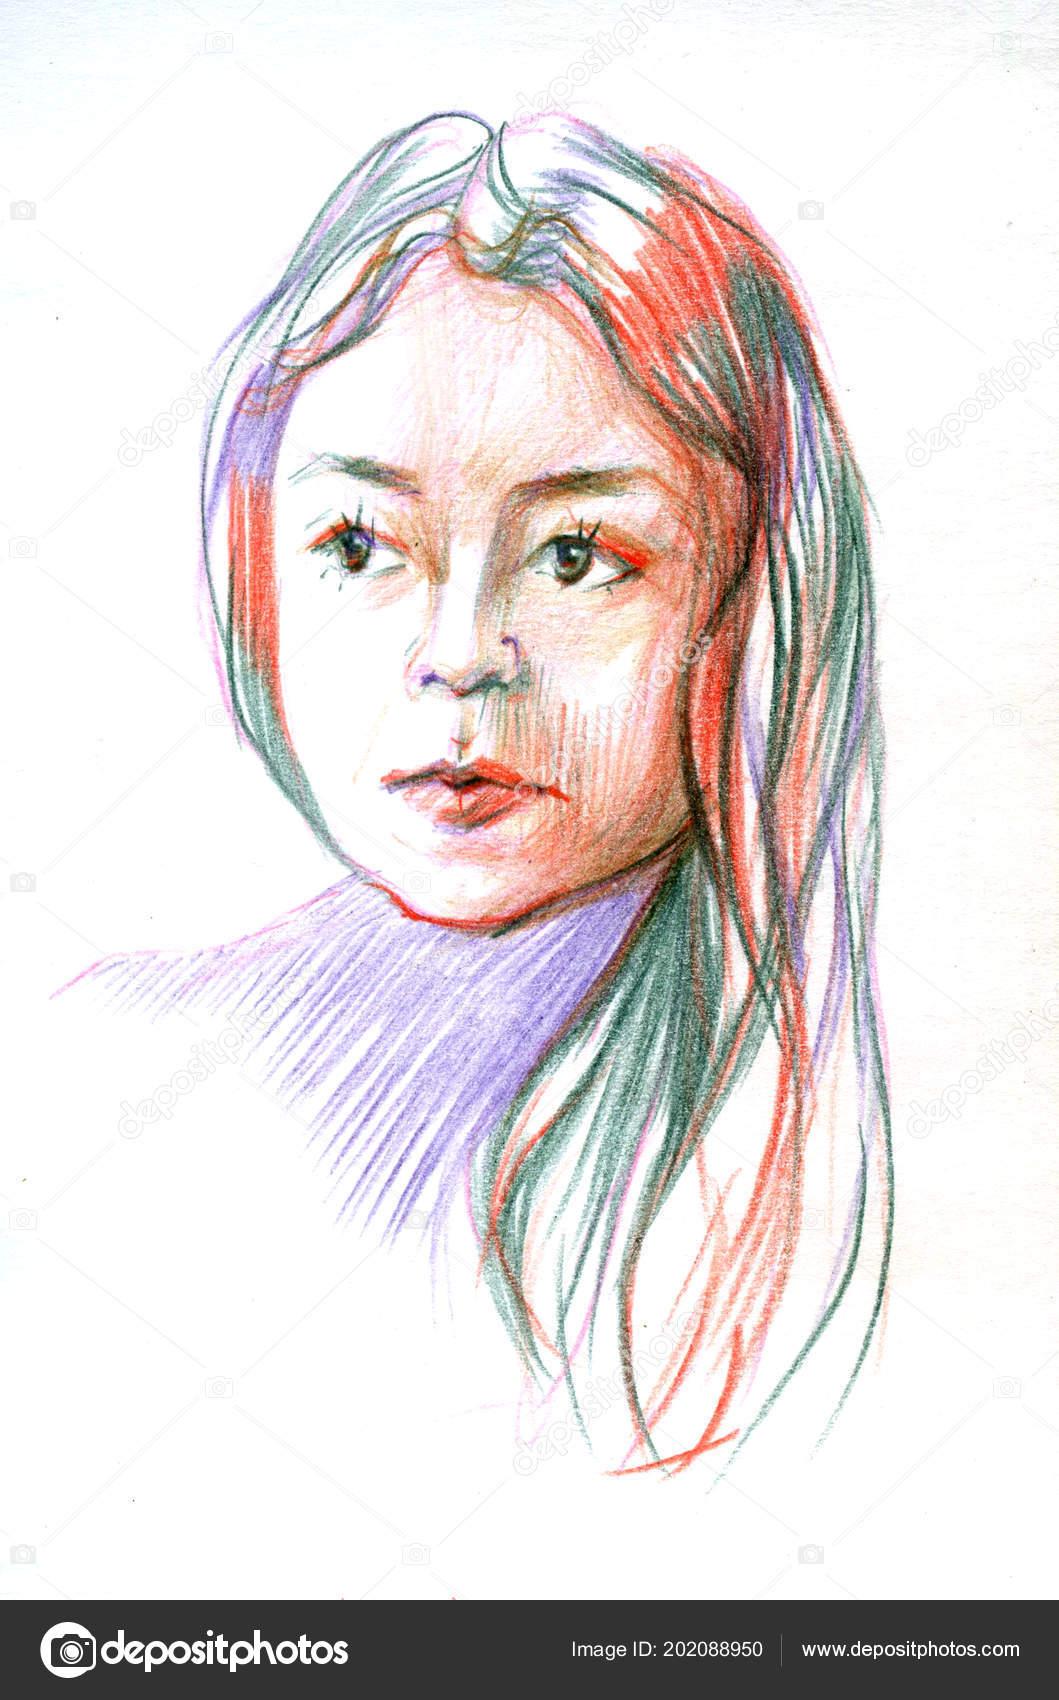 Sulu Boya Renk Pansil Resimde Güzel Kadın Yüzü Stok Foto 7slonov